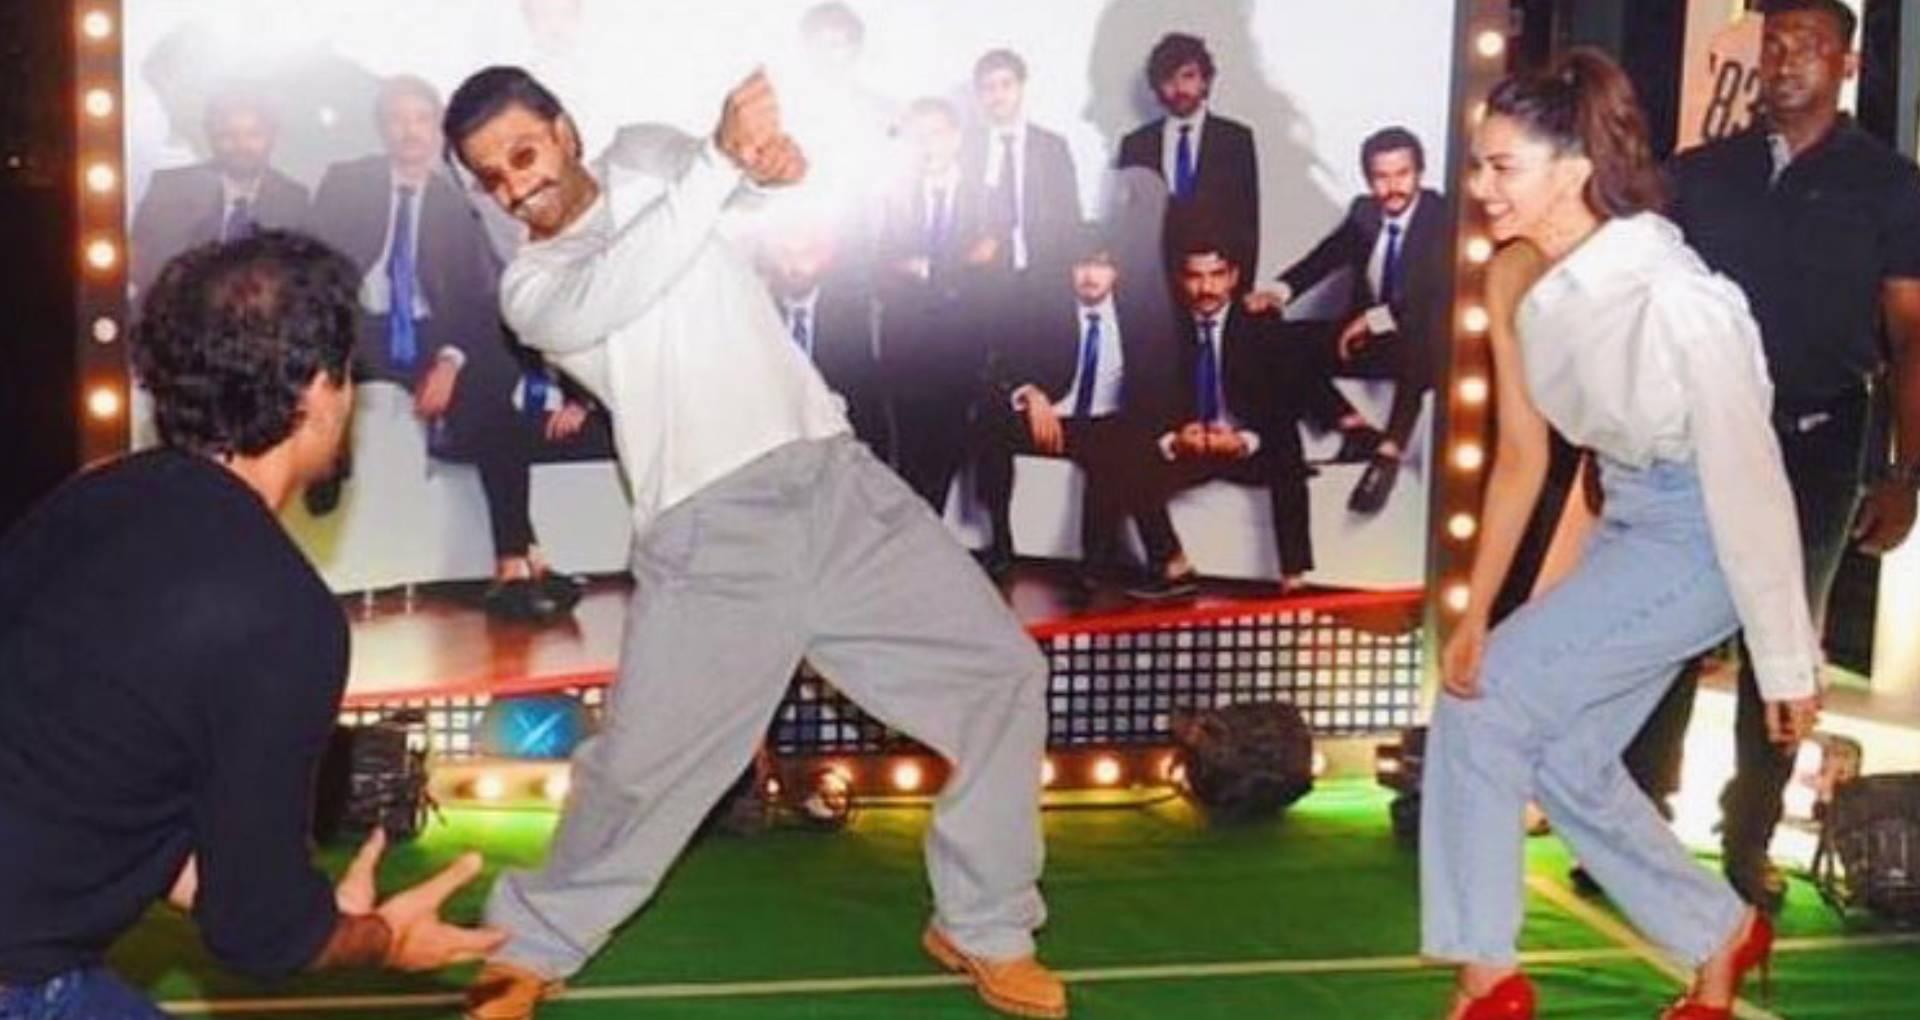 VIDEO: फिल्म 83 की रैपअप पार्टी में दीपिका पादुकोण-रणवीर सिंह ने मचाया धमाल, साथ खेला क्रिकेट और किया डांस